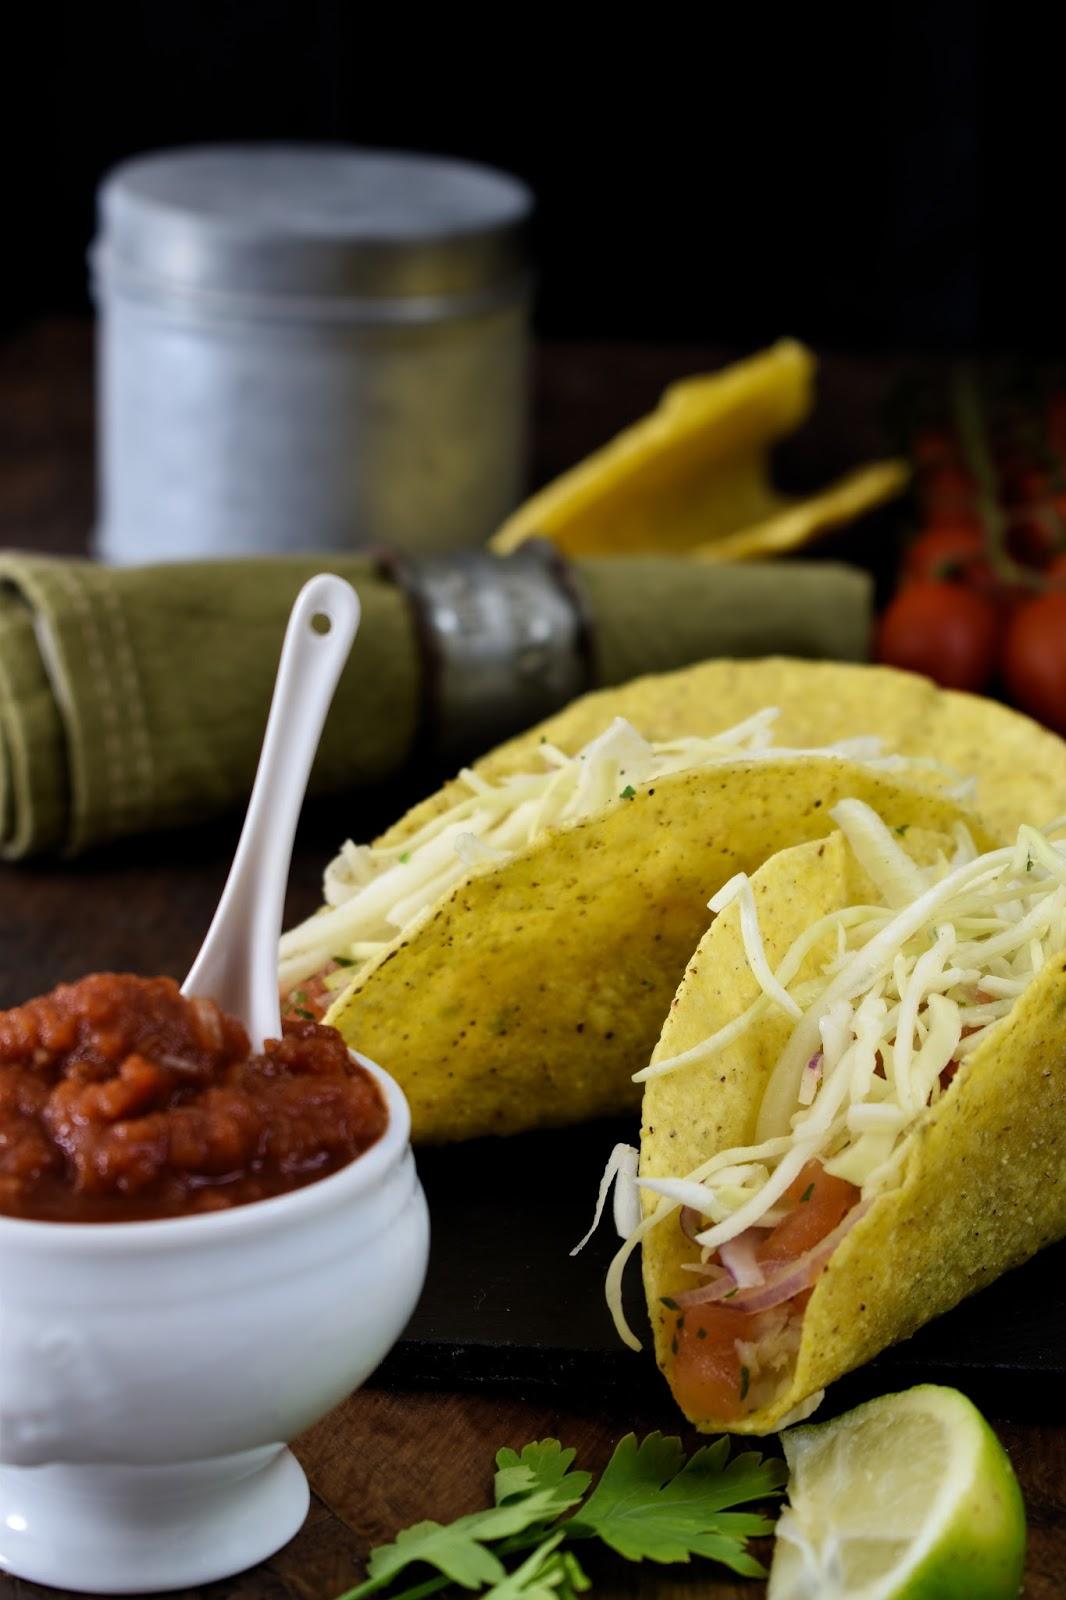 Tacos di merluzzo marinato con salsa pico de gallo